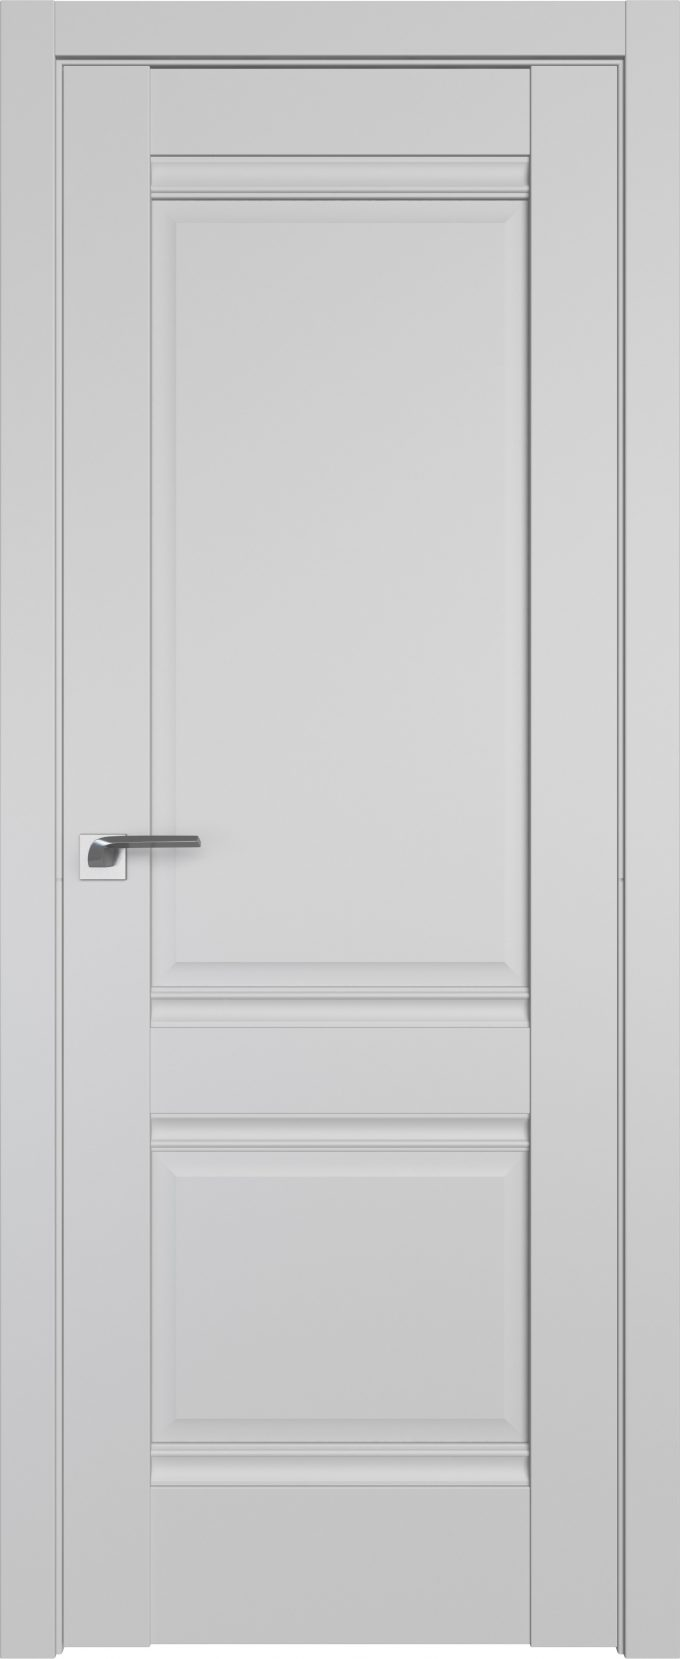 Межкомнатные двери 1U Манхэттен